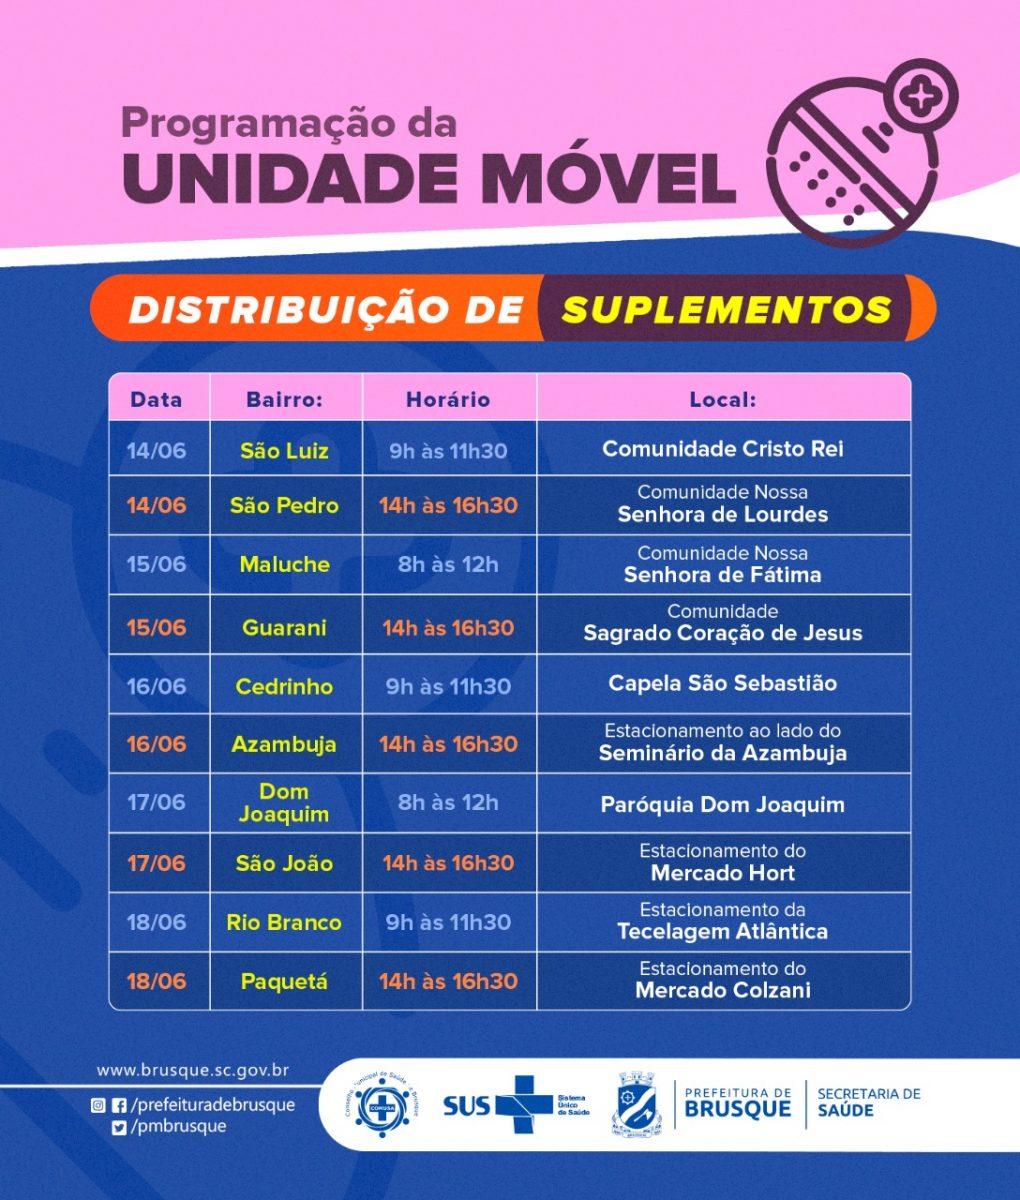 Covid-19: Unidade móvel de distribuição de suplementos informa agenda da próxima semana